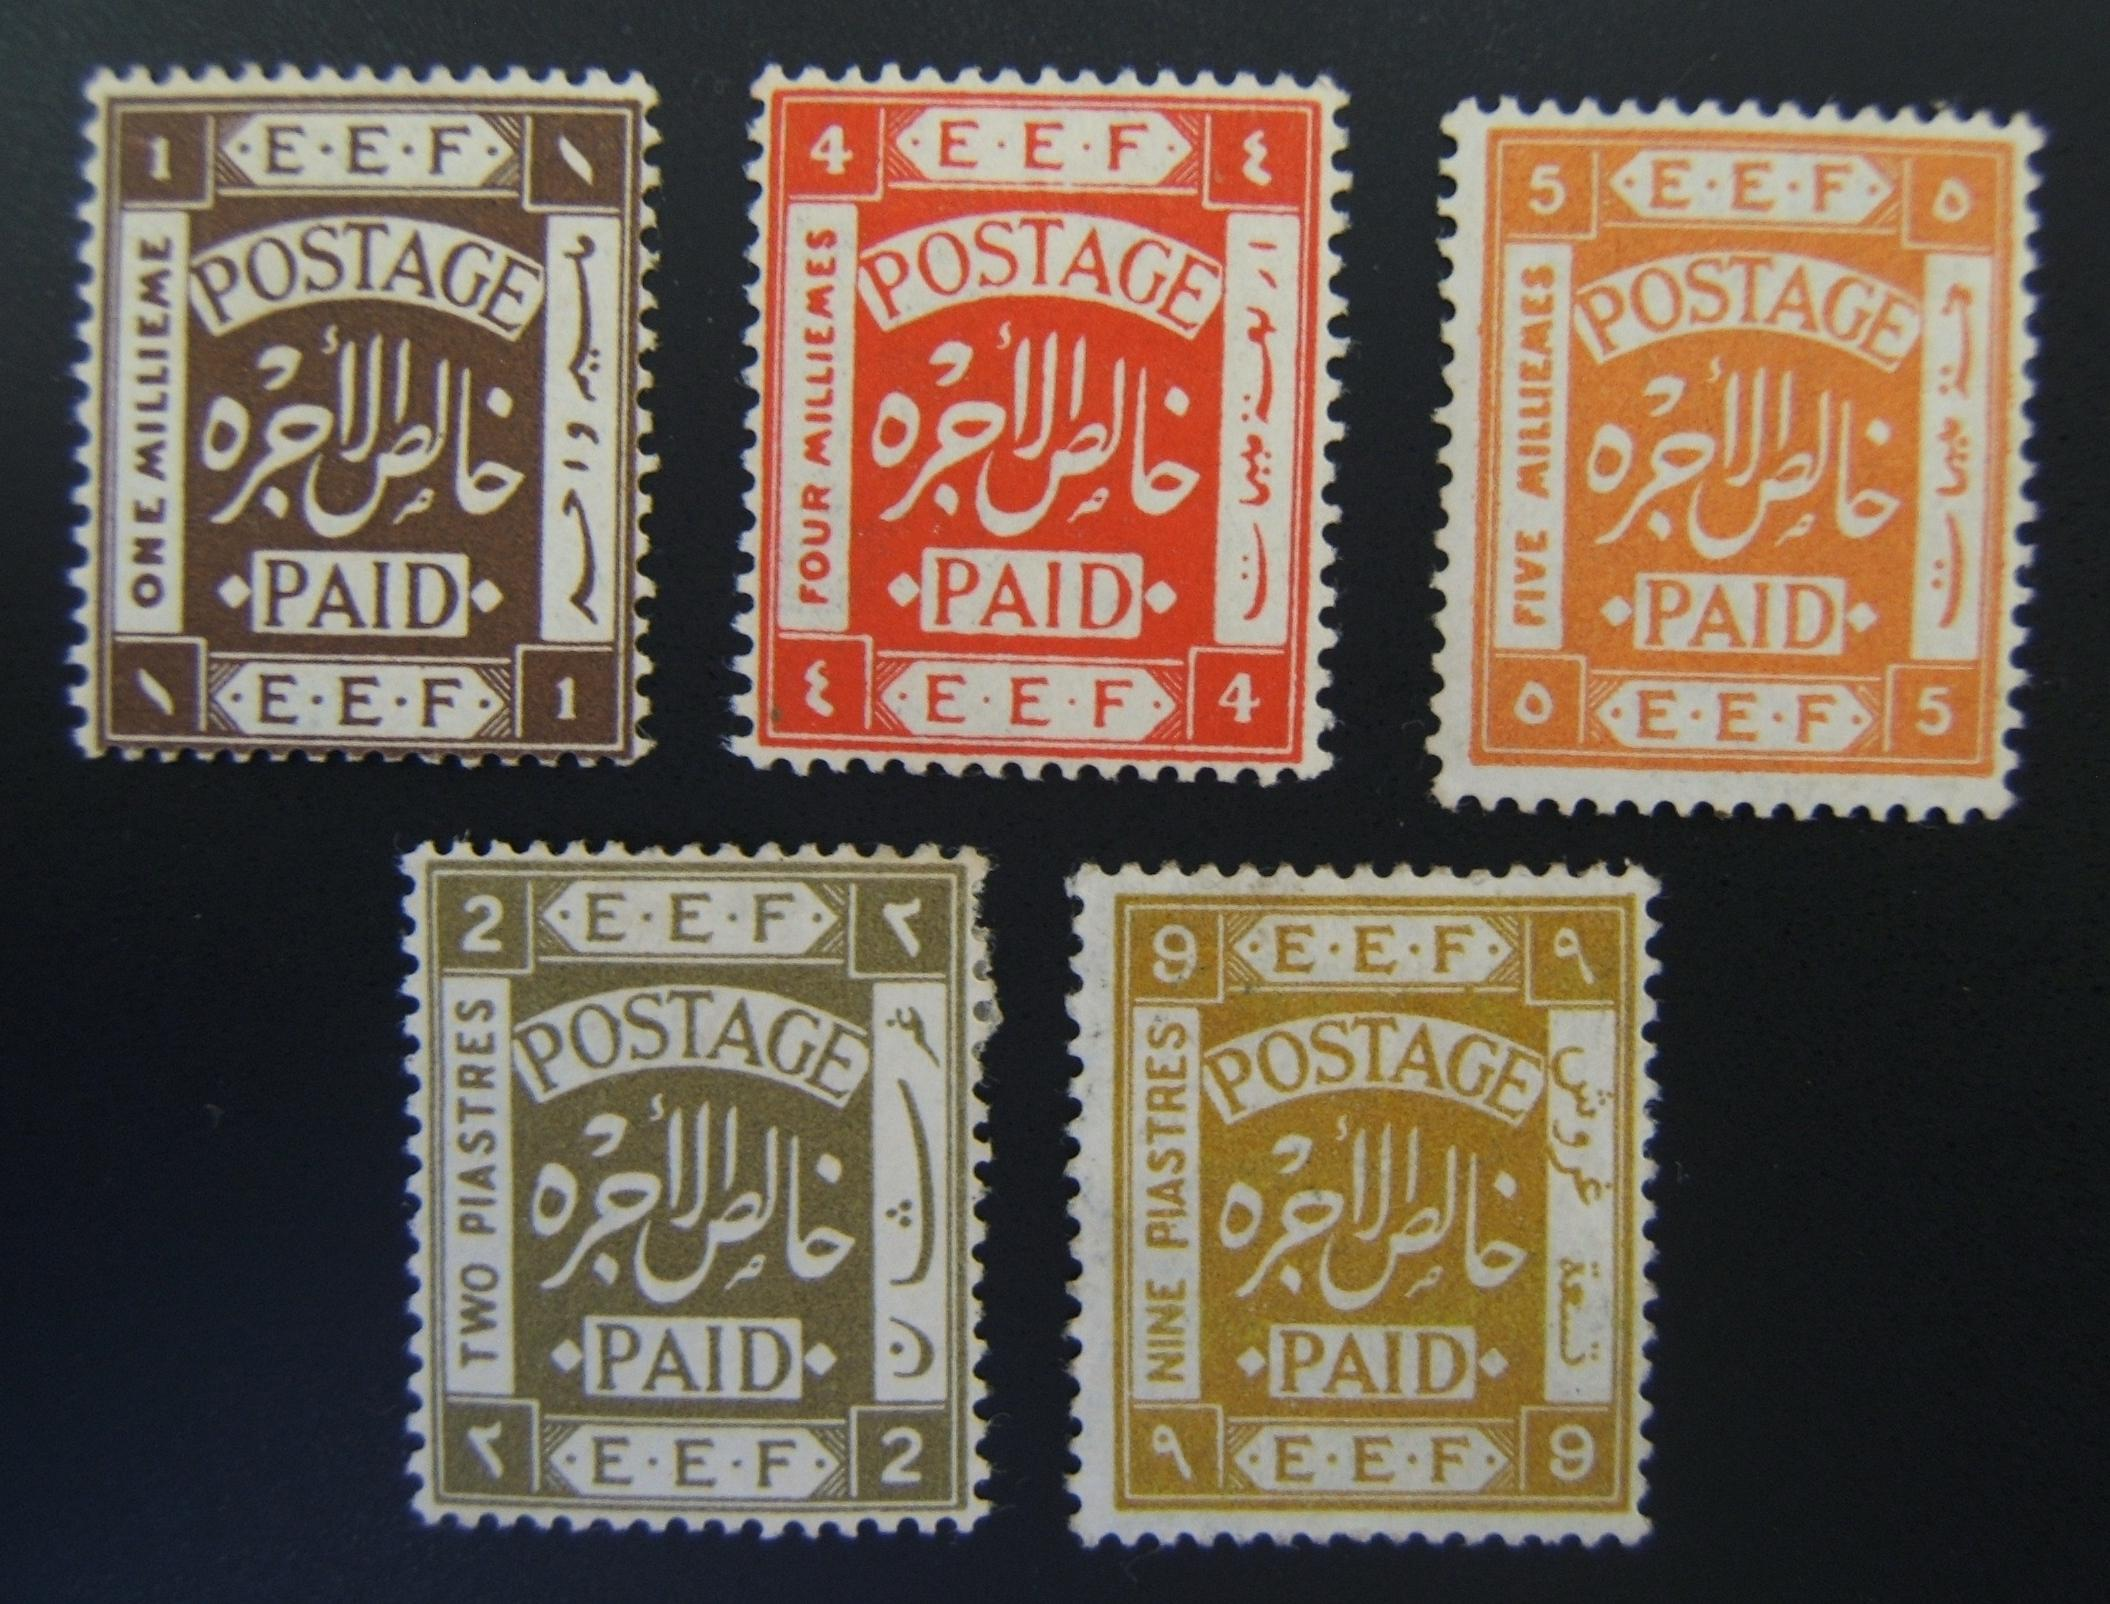 Menge x5 1918 EEF Typ III ungebrauchte Briefmarken: 1m, 4m, 5m, 2p, 9P gelblich-braun (Ba 13a)